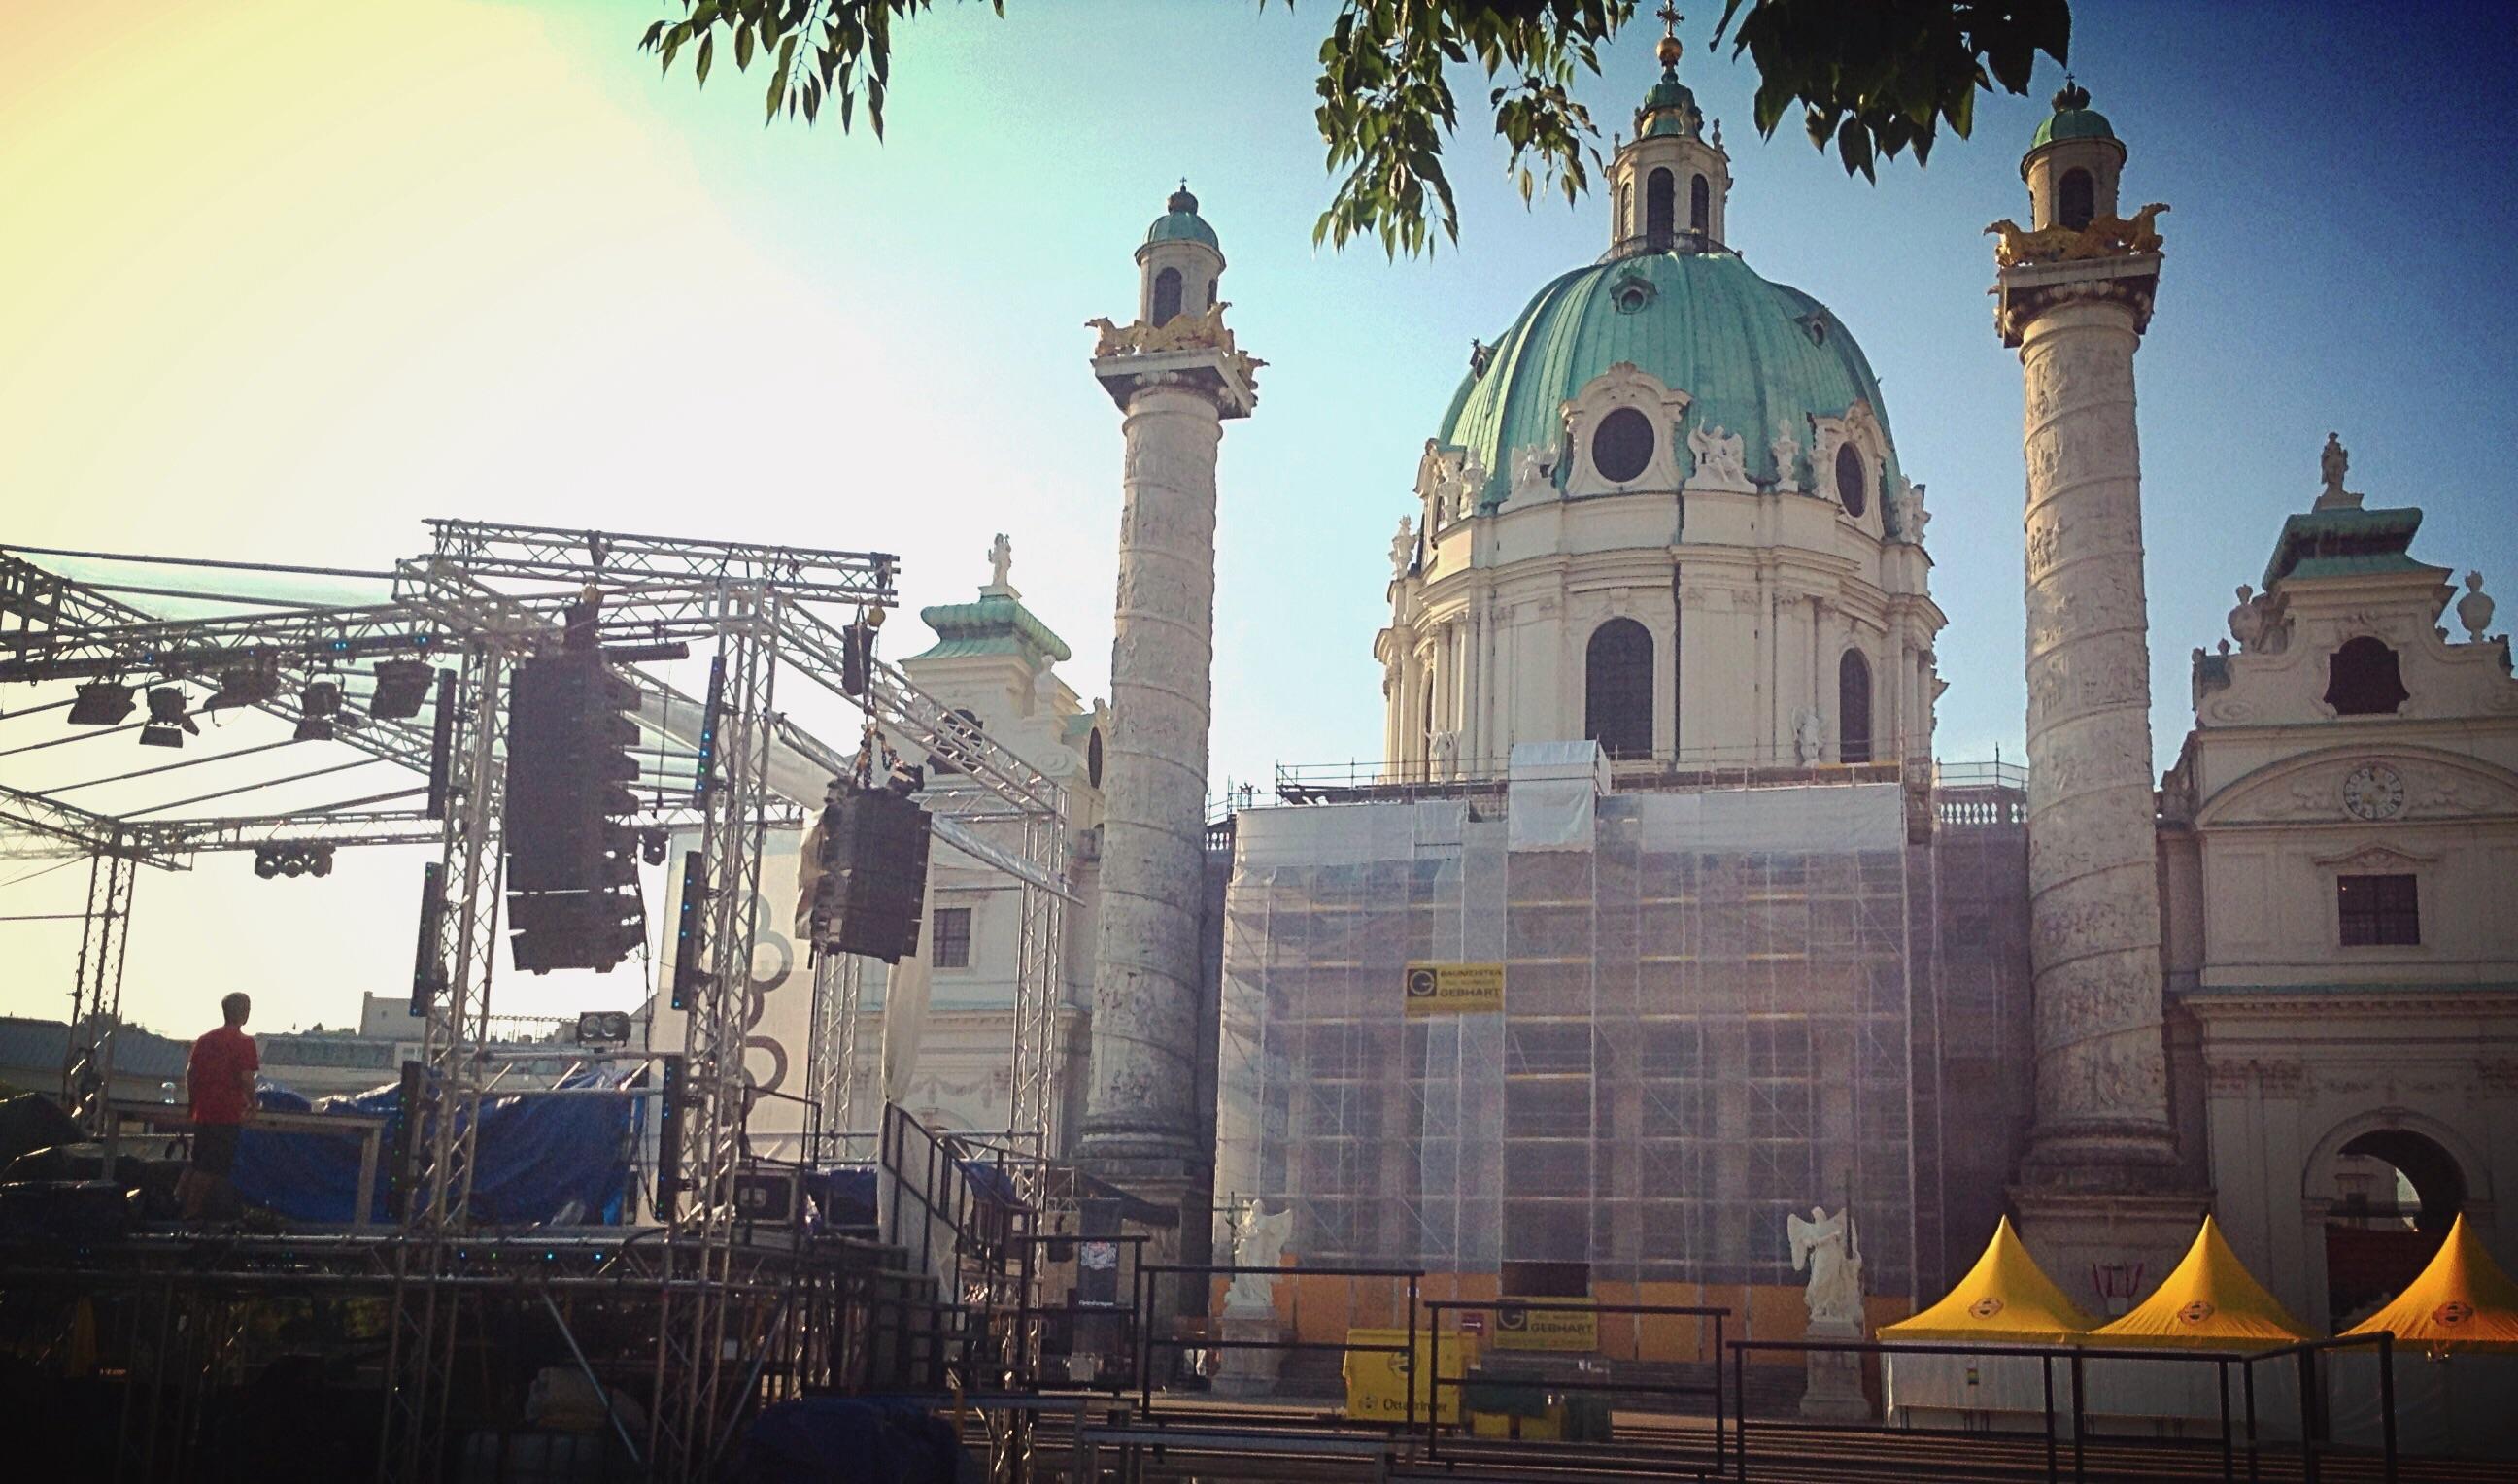 Karlsplatz am Popfestival